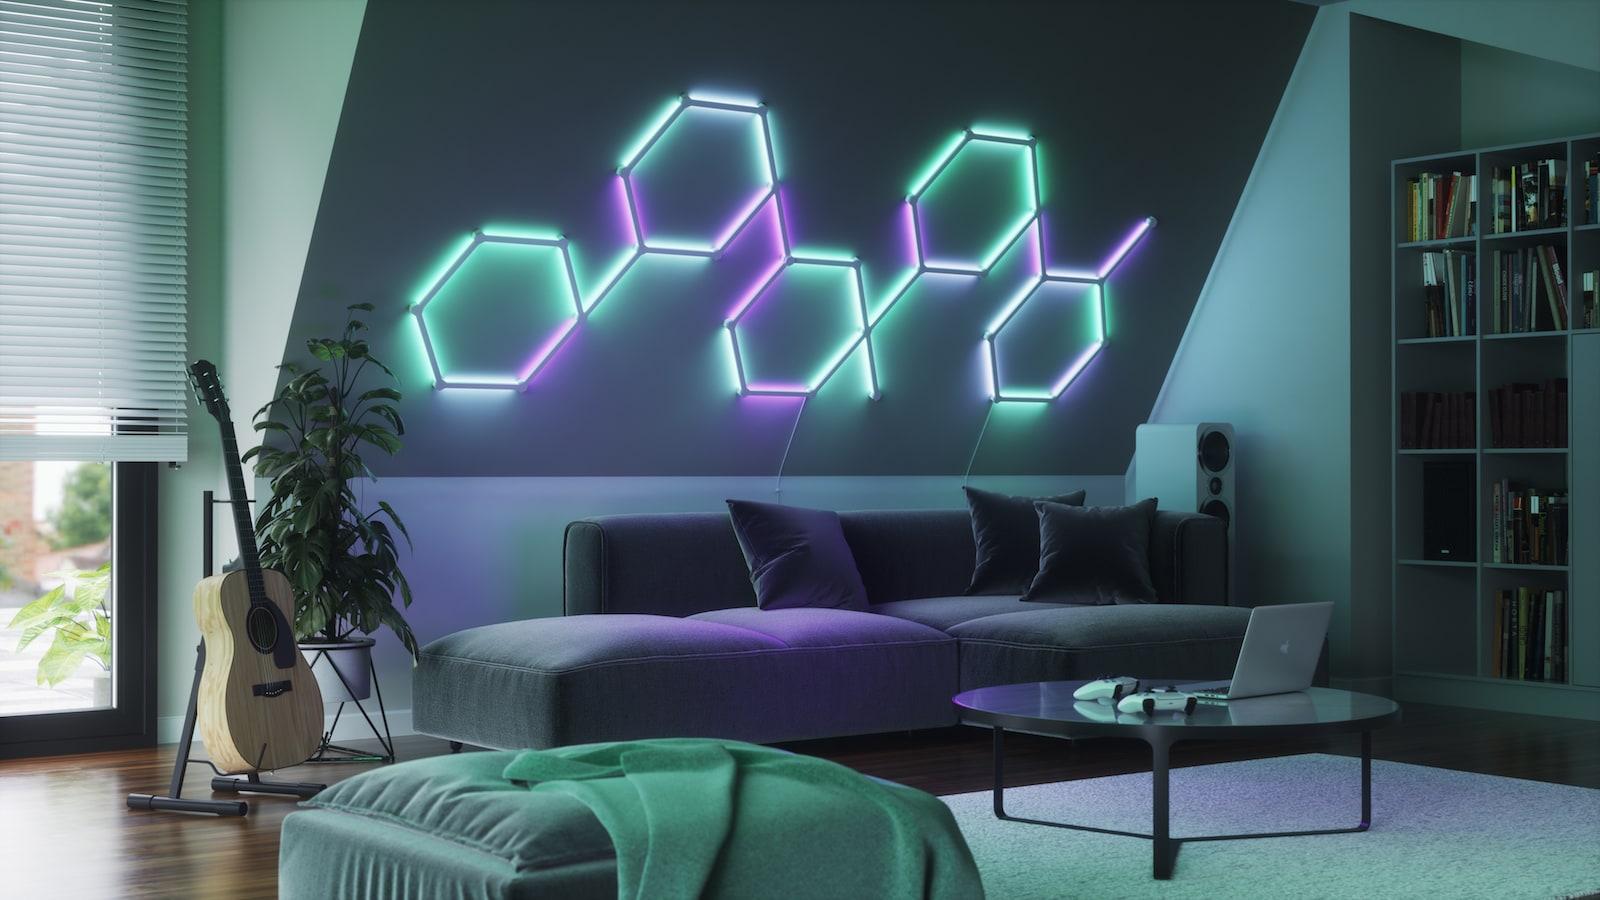 Nanoleaf-Lines-backlit-smart-light-bars-01.jpeg